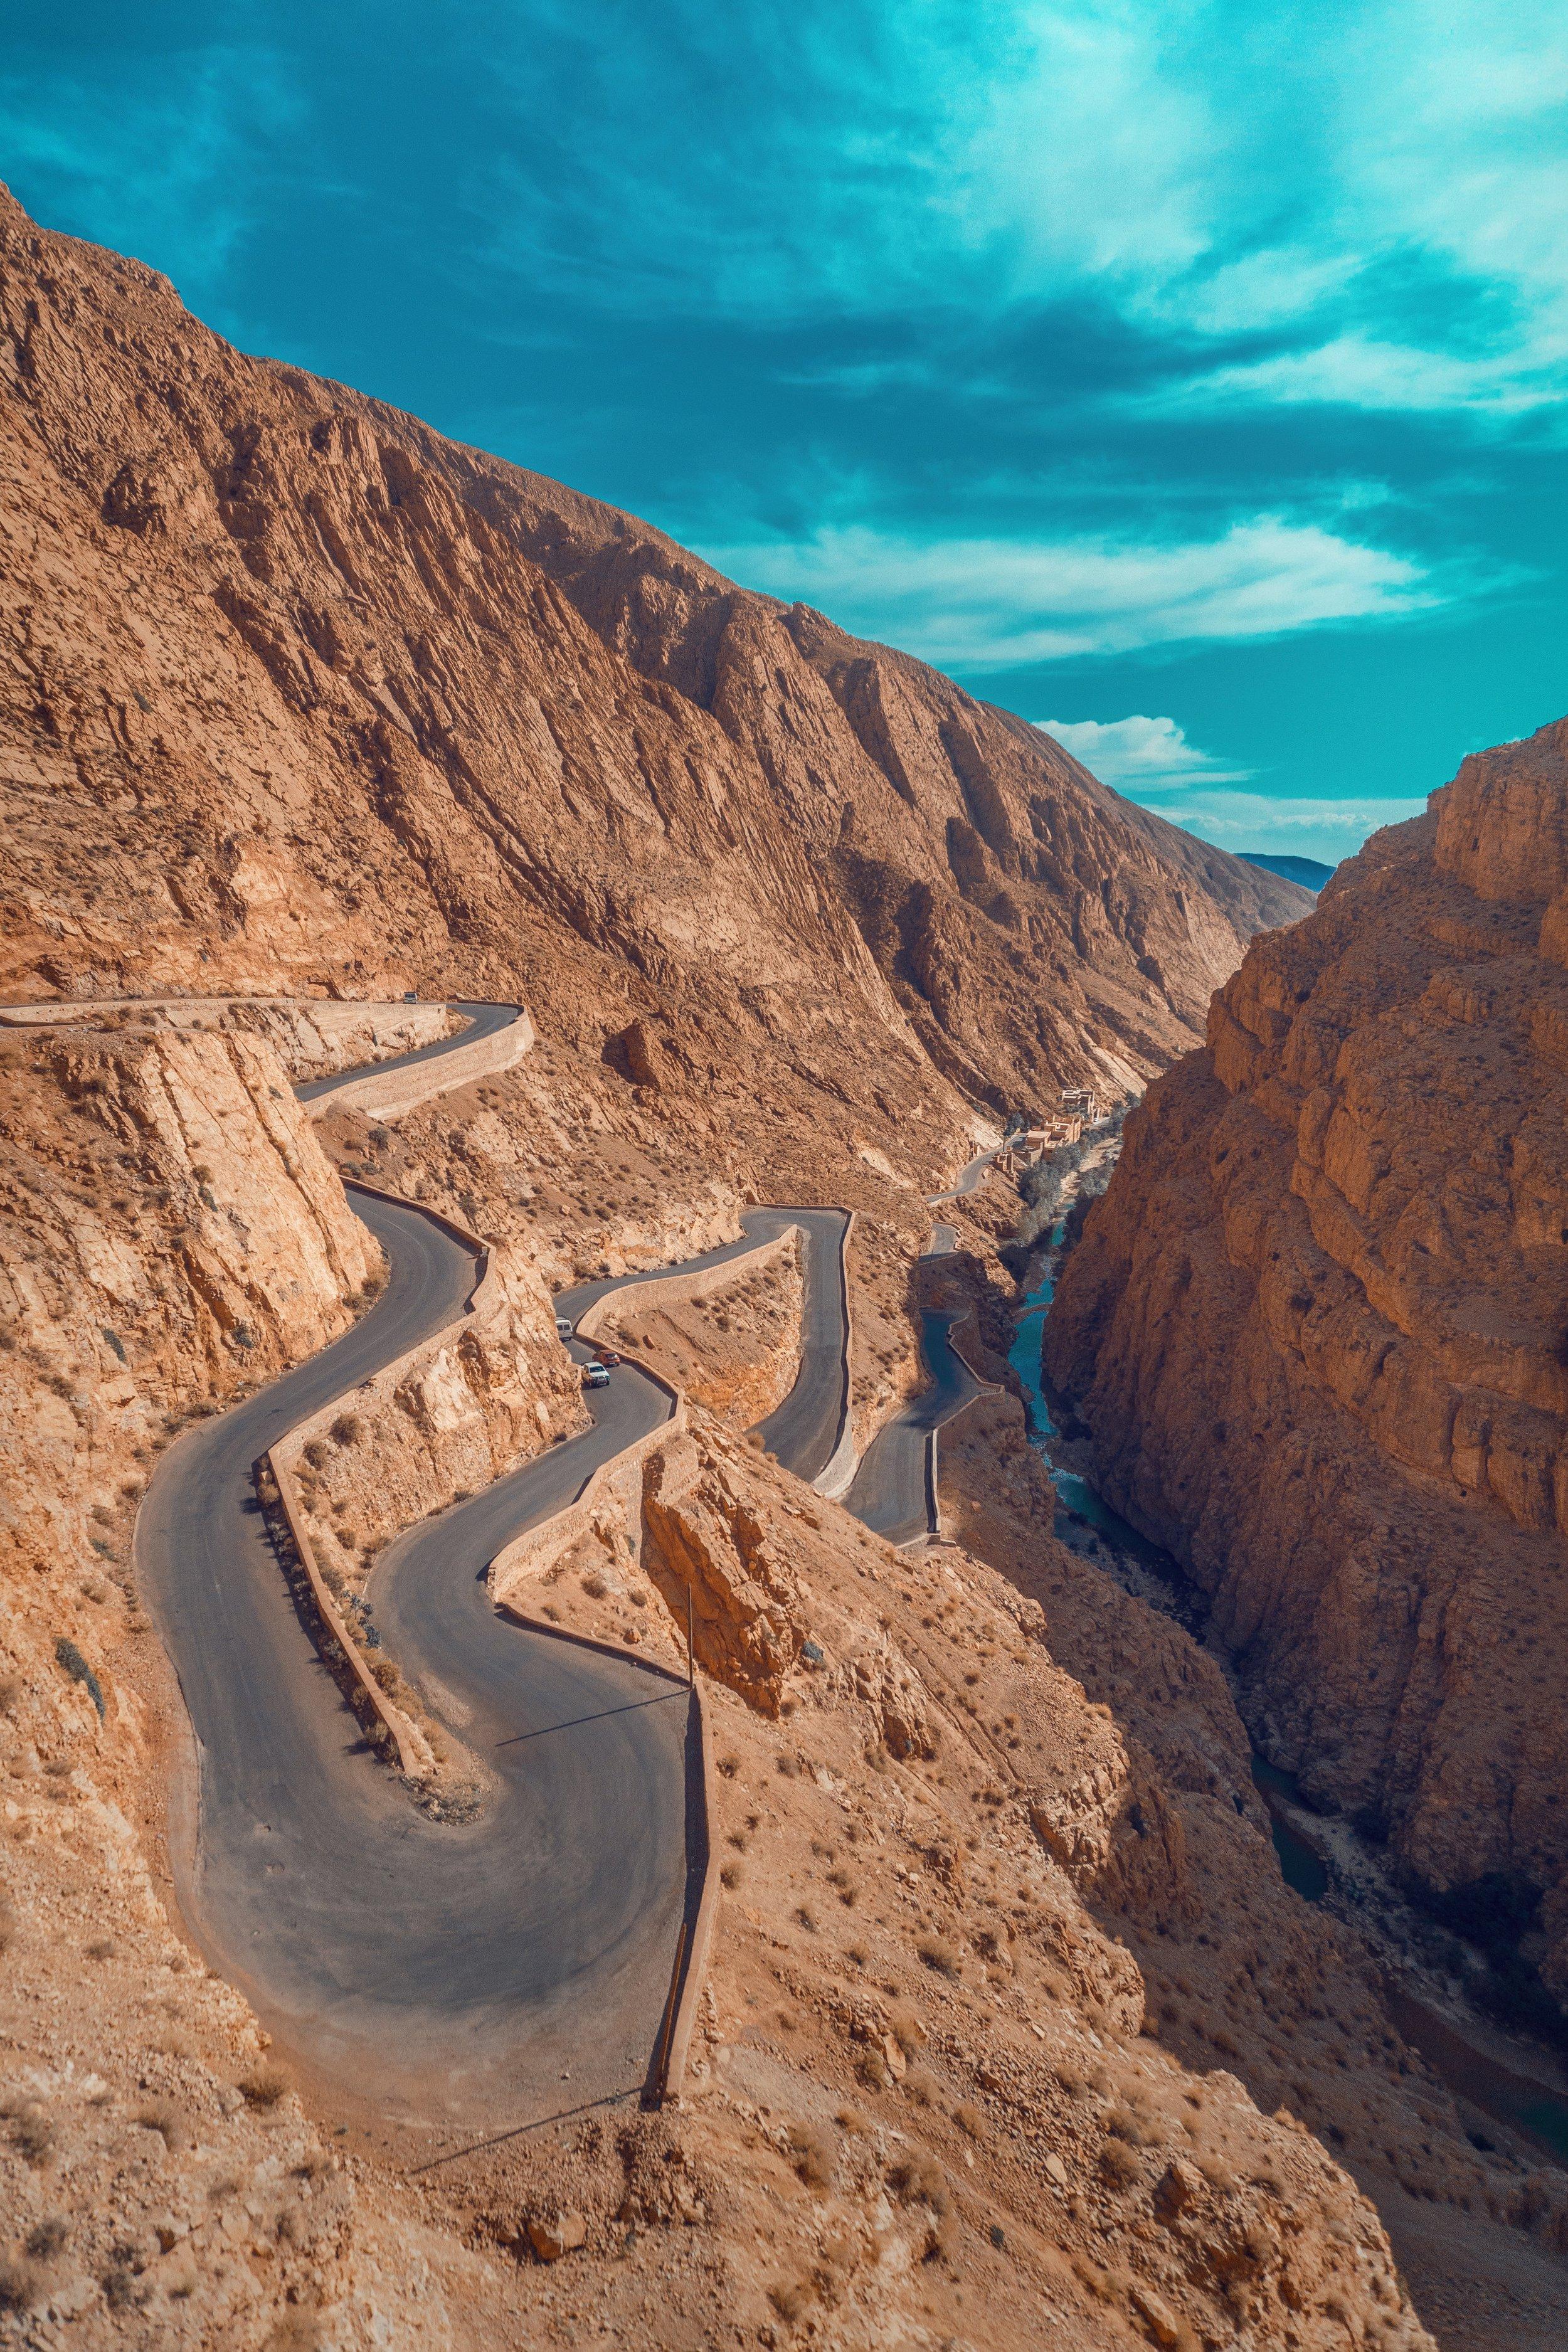 hassan-ouajbir-412010-unsplash.jpg